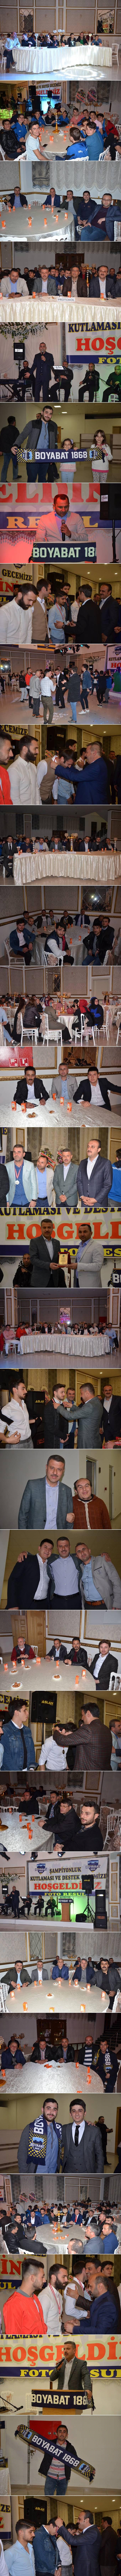 İlçemizin namağlup şampiyon takımı Boyabat1868 spor kulübümüzün dün akşam 15 Temmuz Şehitler Kültür Merkezinde   şampiyonluk eğlence ve destek gecesi kutlanıldı.